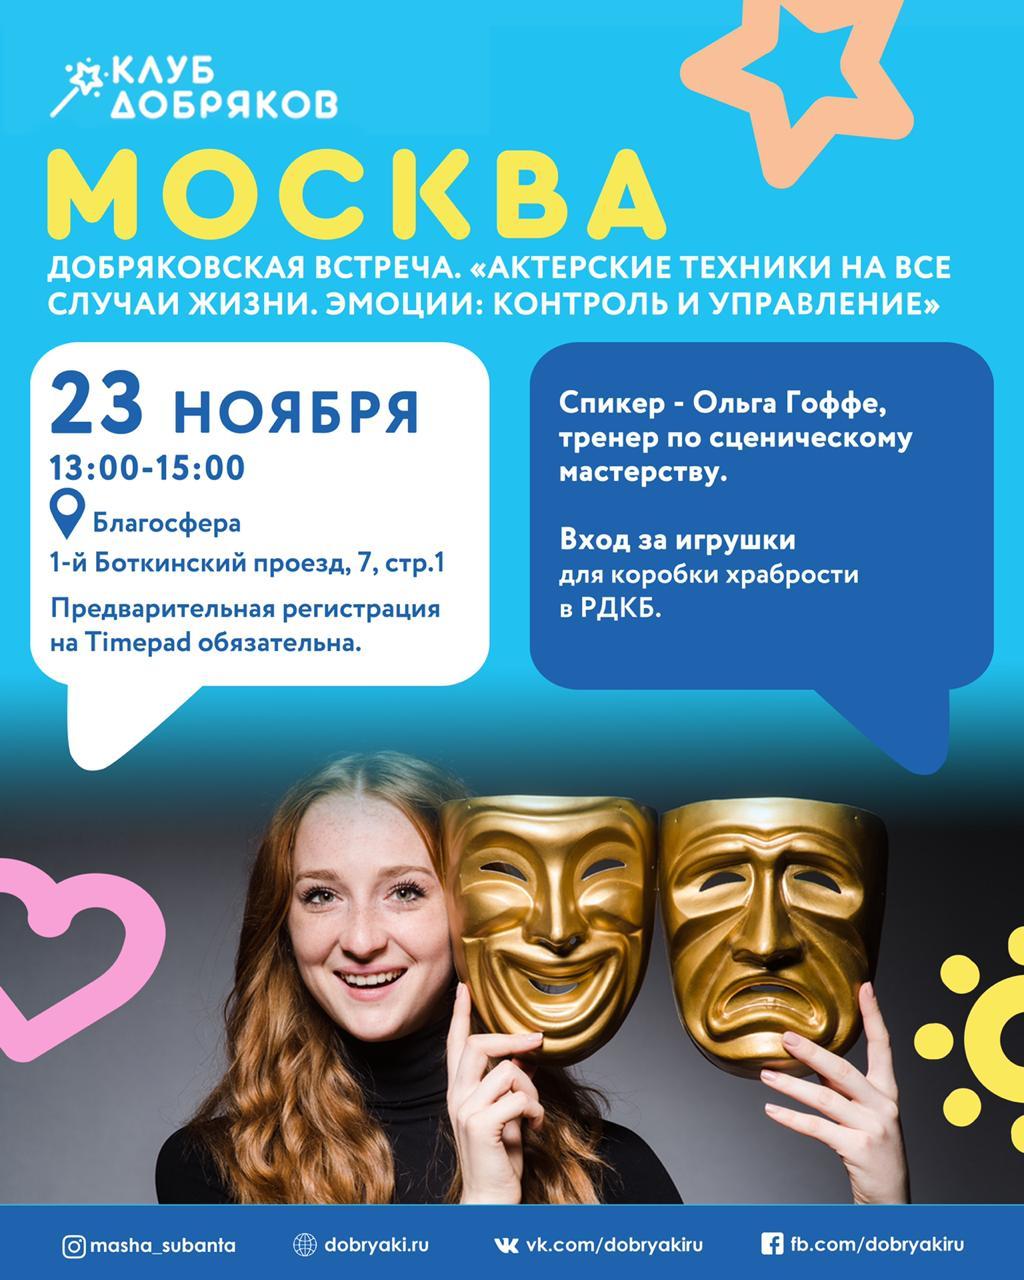 В Москве добряков научат сценическому мастерству